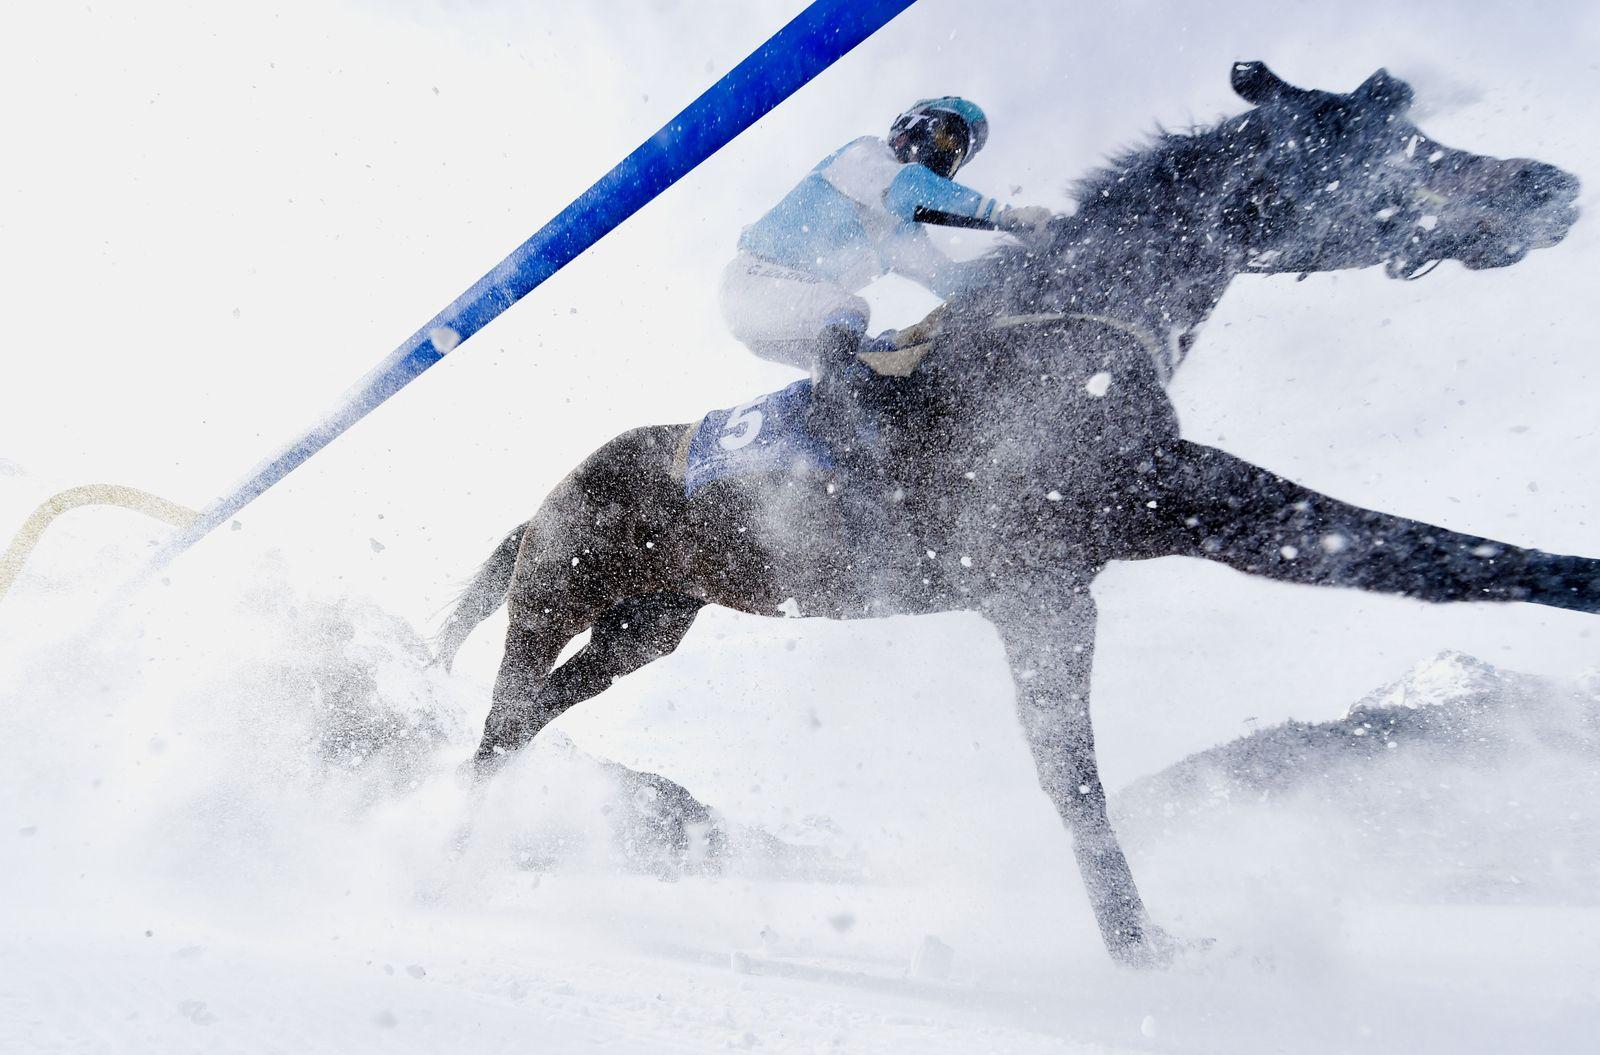 White Turf races in St. Moritz, St Moritz, Switzerland - 16 Feb 2020